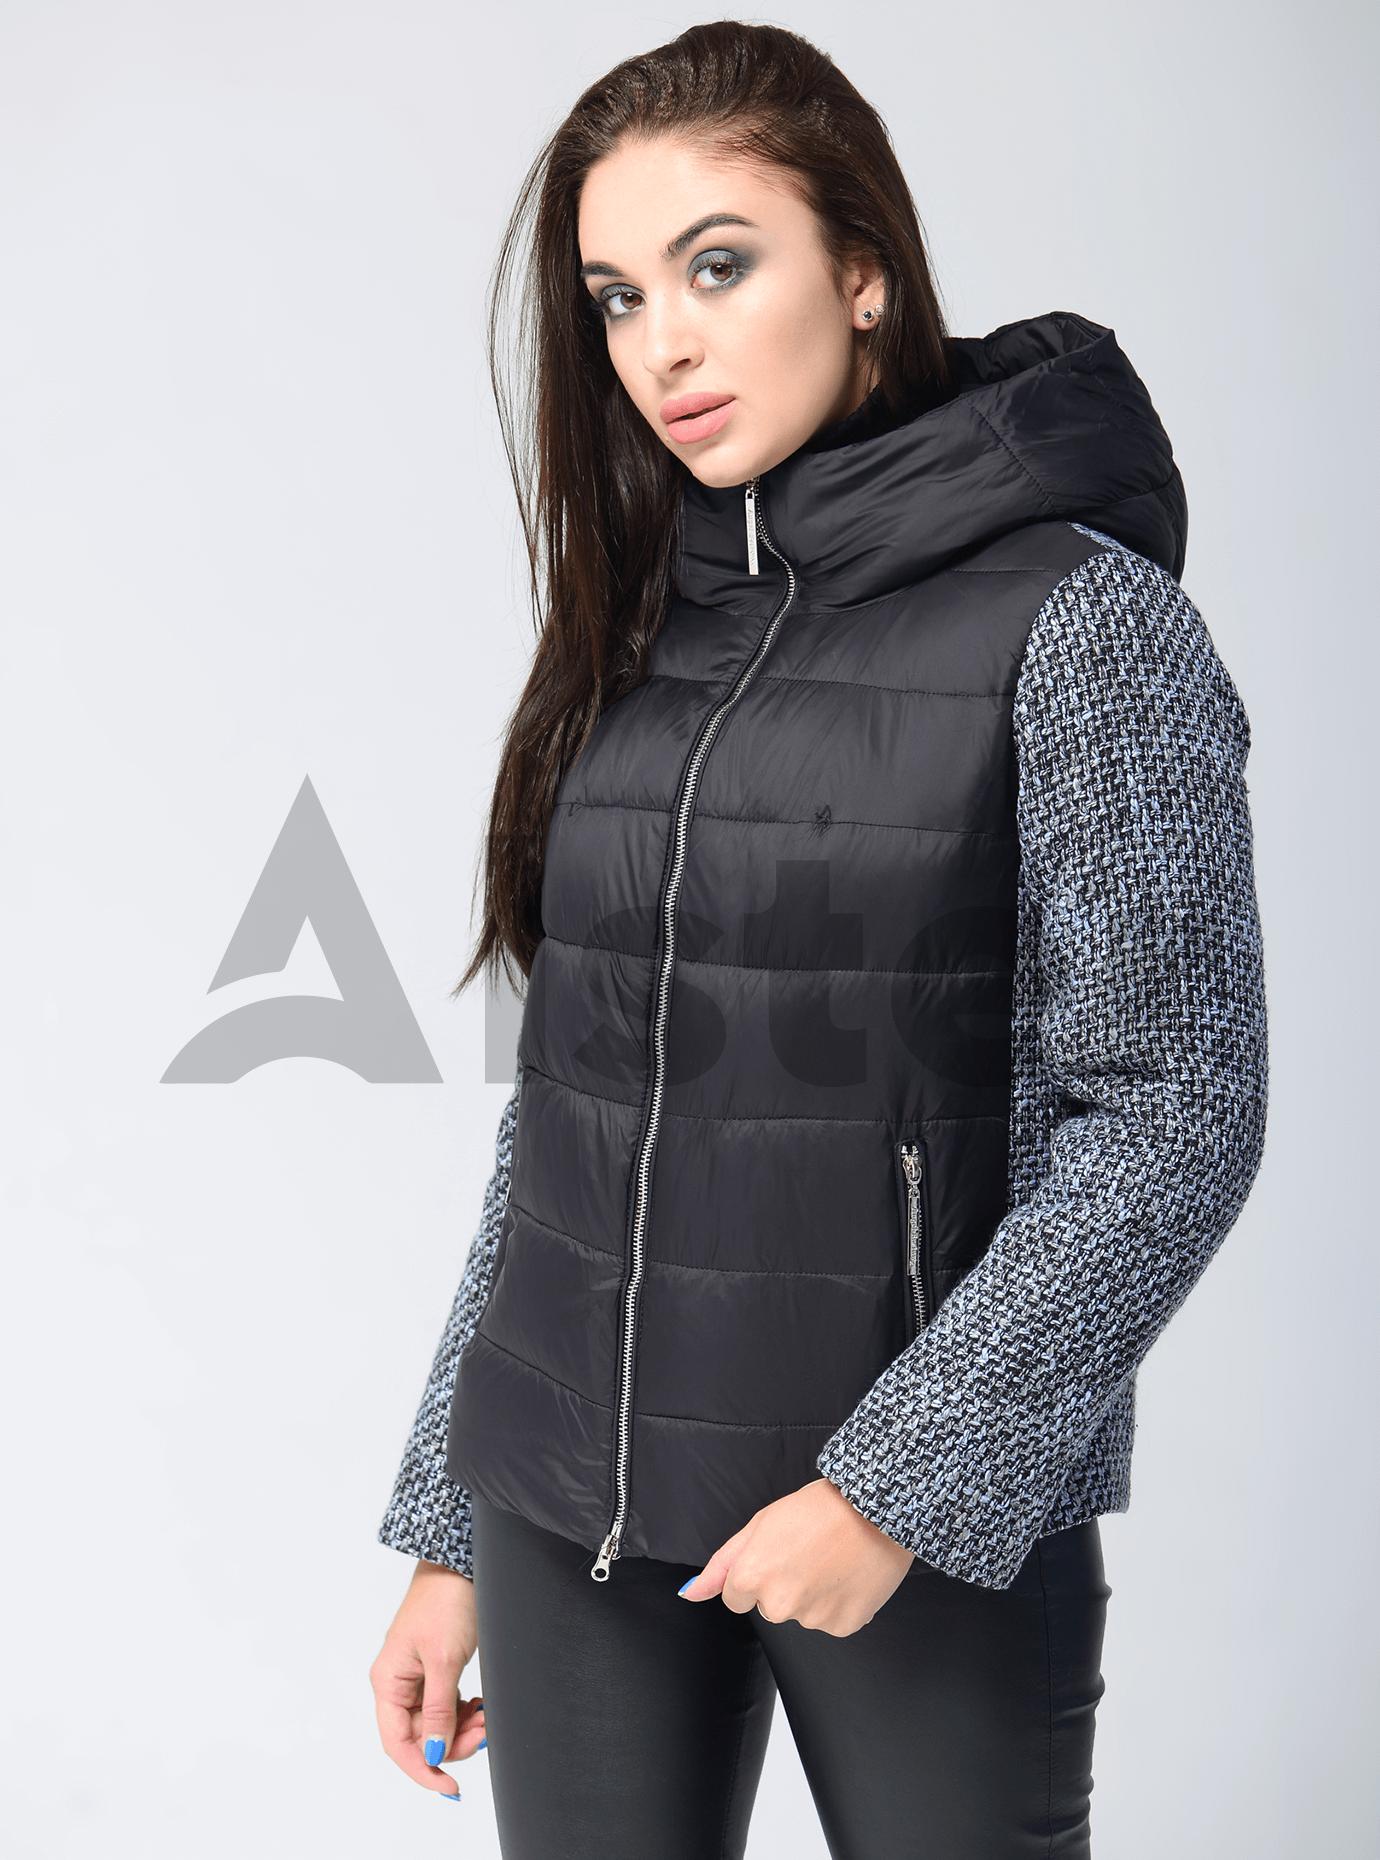 Куртка женская зимняя стёганая со вставками Чёрный S (05-AB9017): фото - Alster.ua